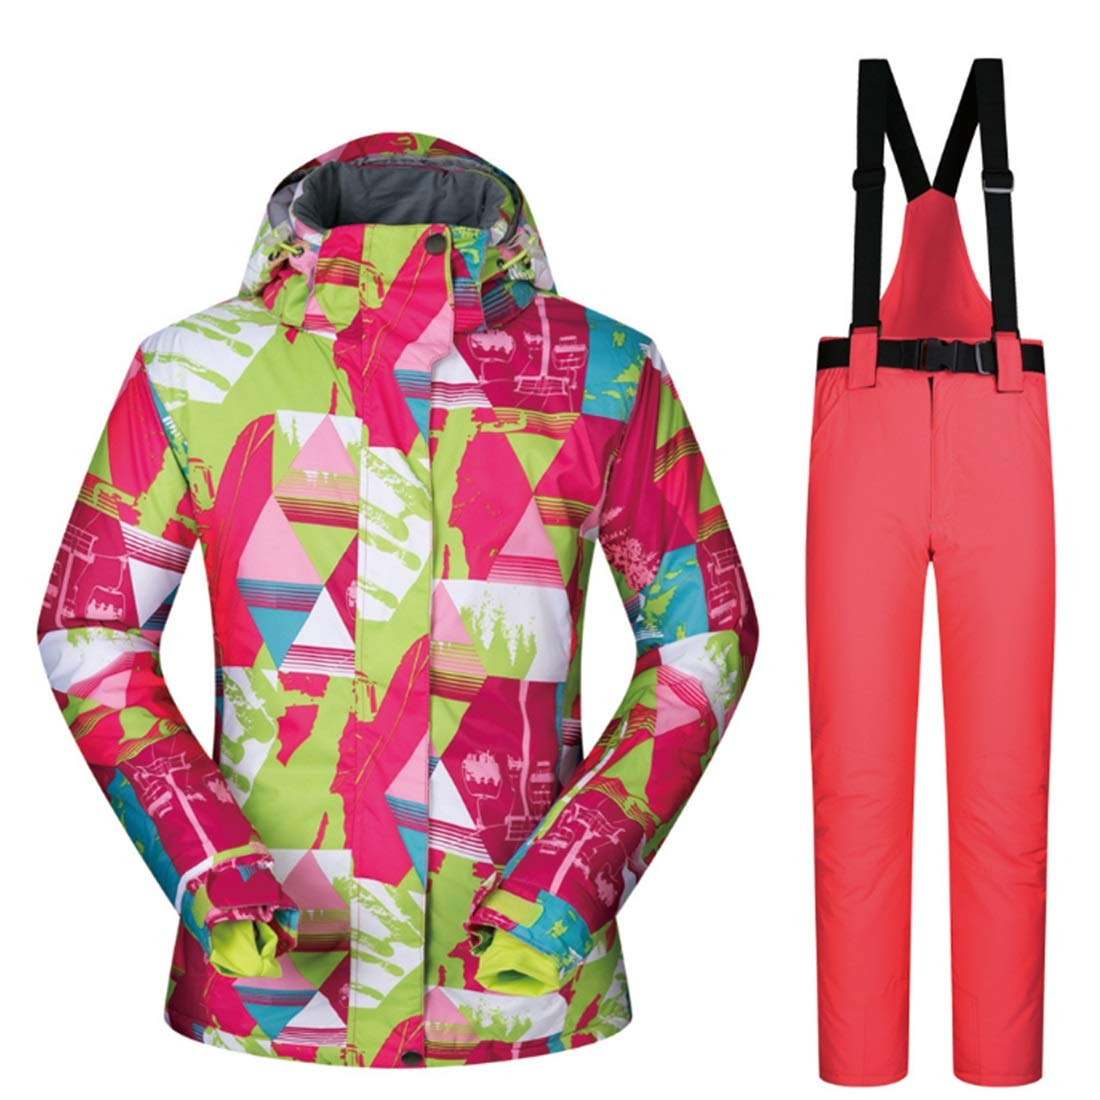 LINANNVA Giacca da Sci da Snowboard Traspirante Impermeabile da Donna Donna Donna Under Zero Coat (Coloree   07, Dimensione   XL)B07KPZD87MM 07 | Fornitura sufficiente  | Lavorazione perfetta  | Apparenza Estetica  | Prestazioni Affidabili  | nuovo venuto  | Non 2a32ec